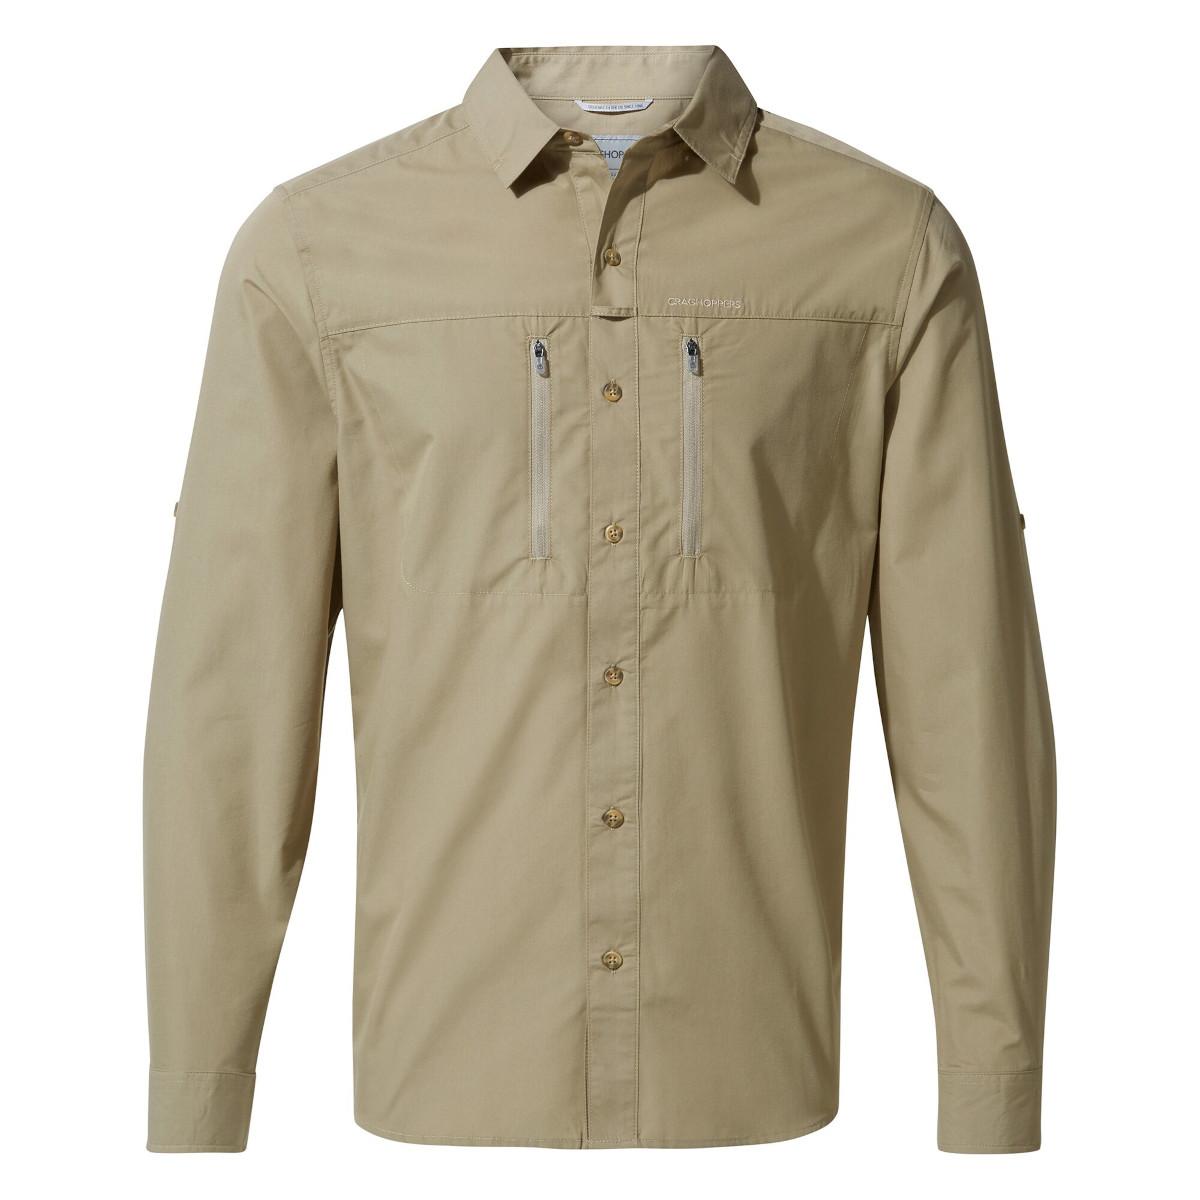 Craghoppers Kiwi Boulder Long Sleeved Shirt - Rubble